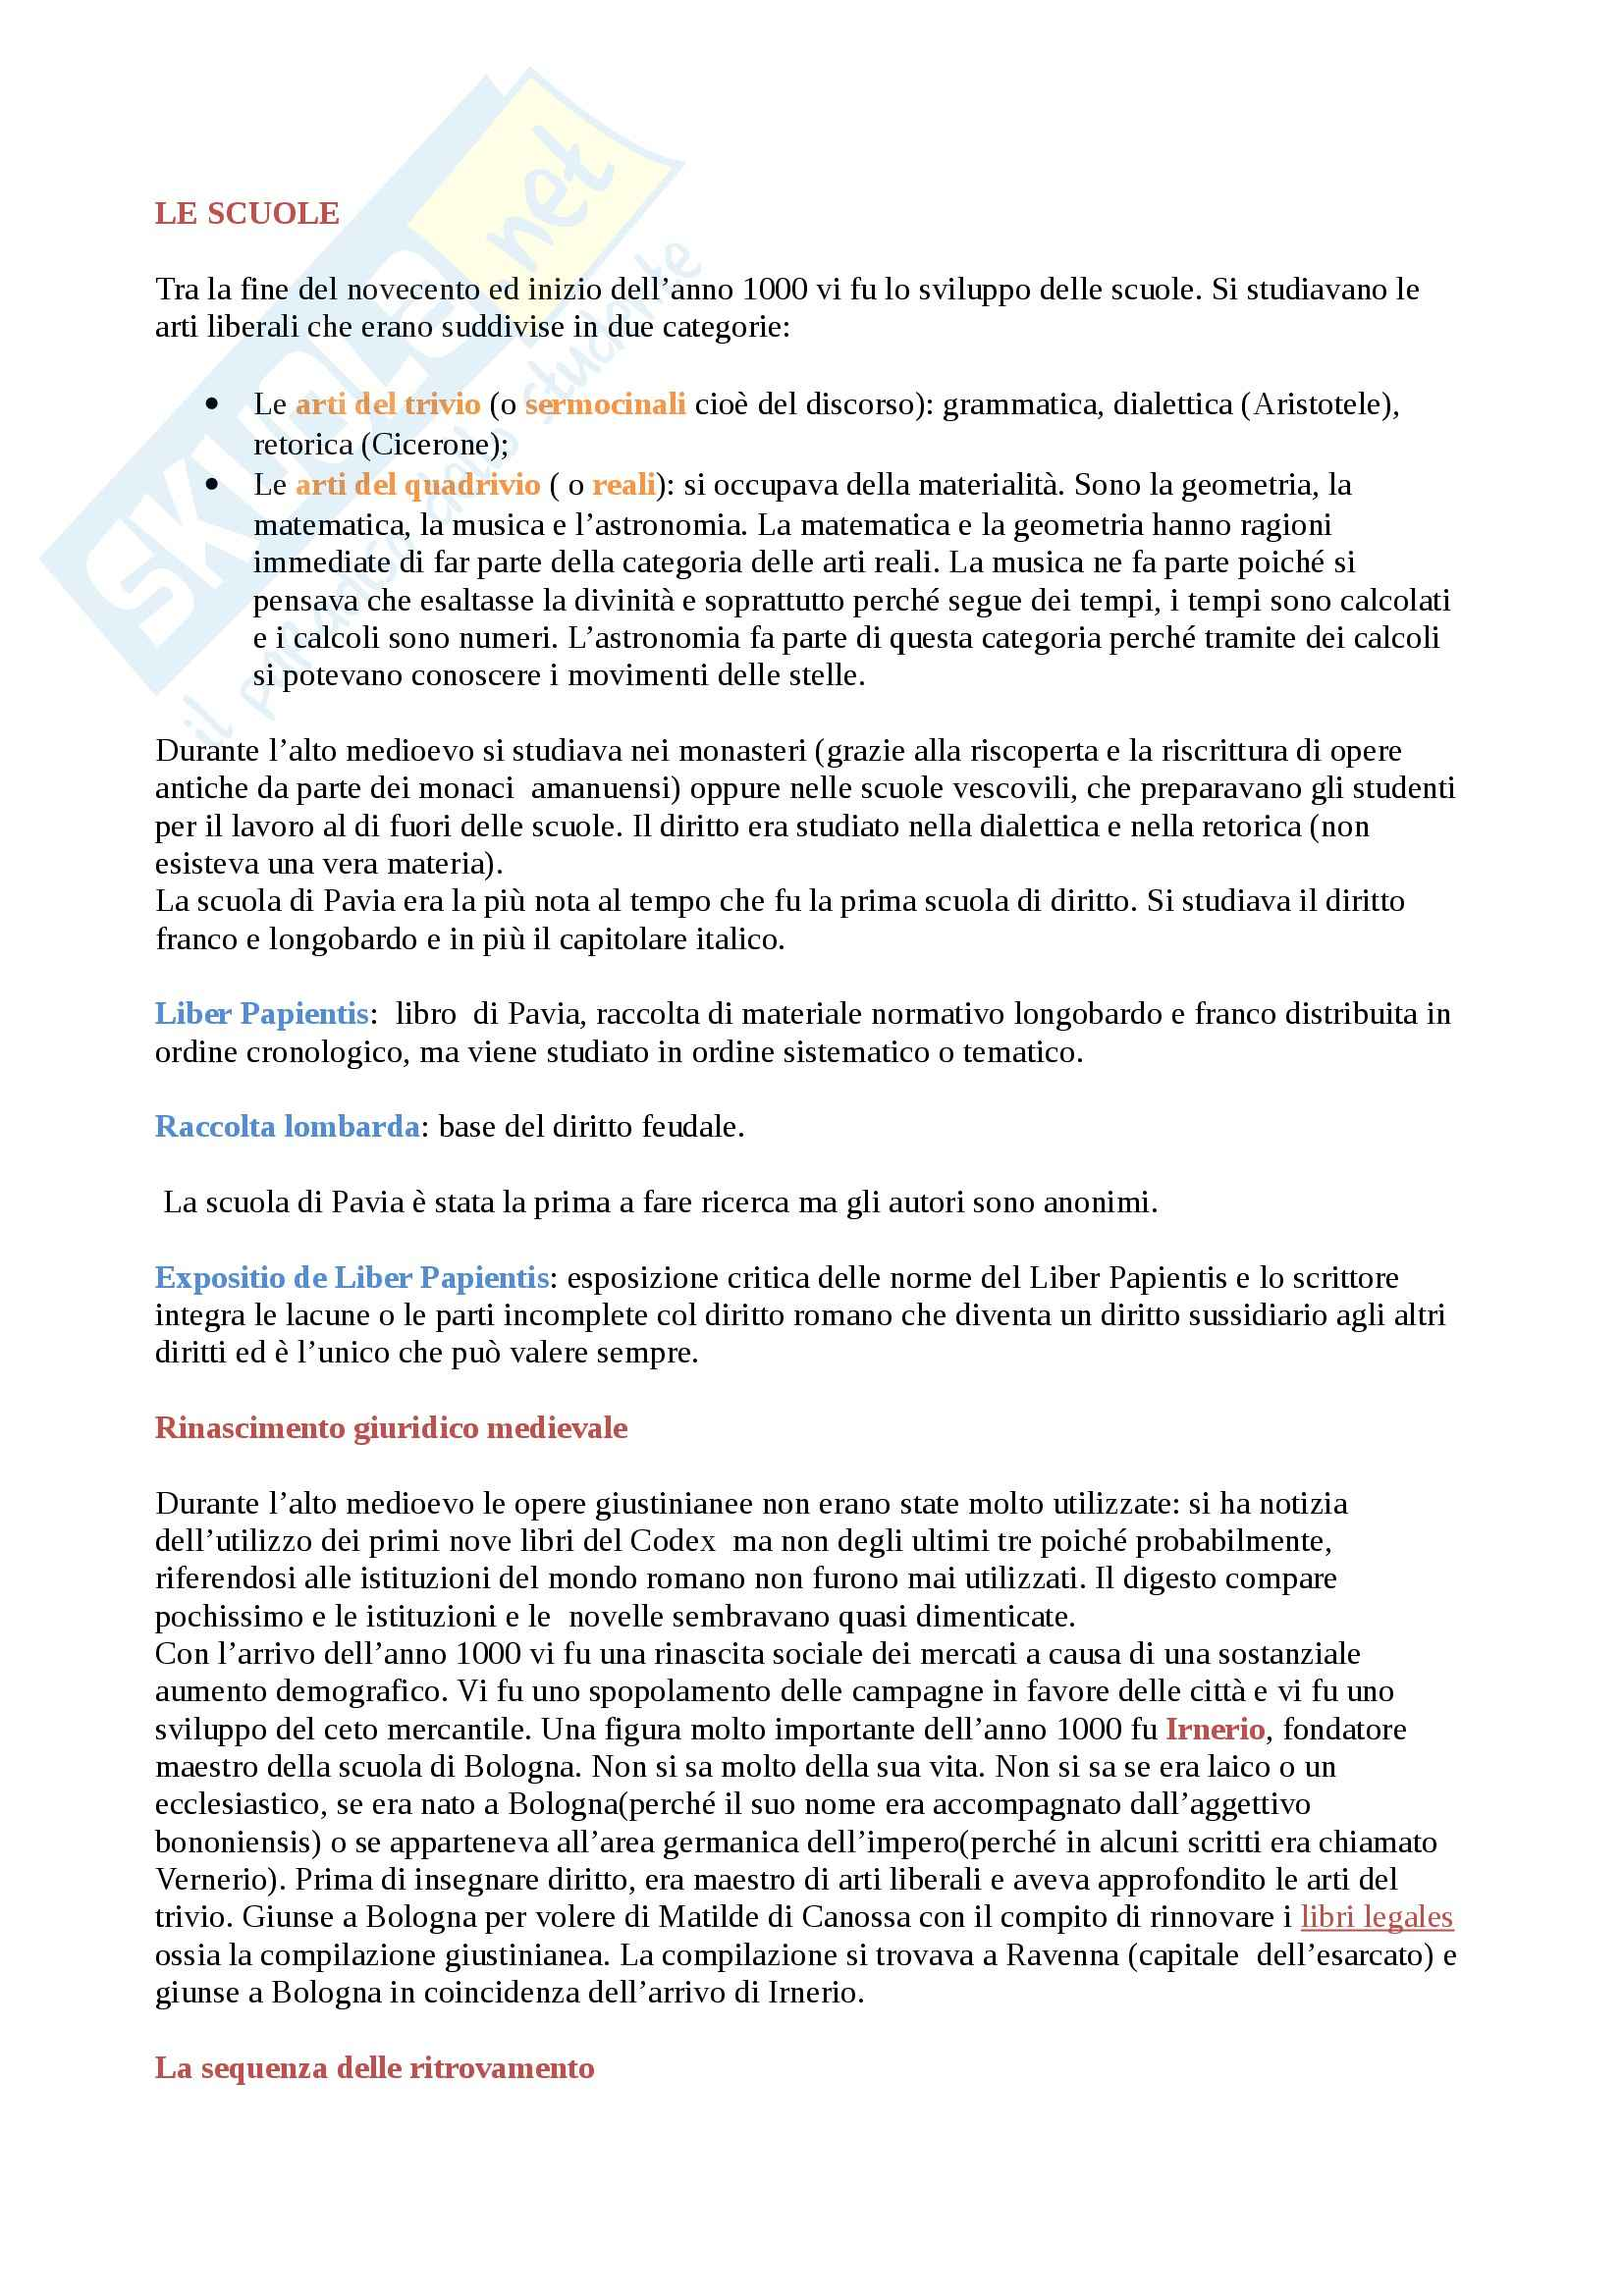 Scuola tra la fine del 900 e l'inizio dell'anno 1000, Storia diritto